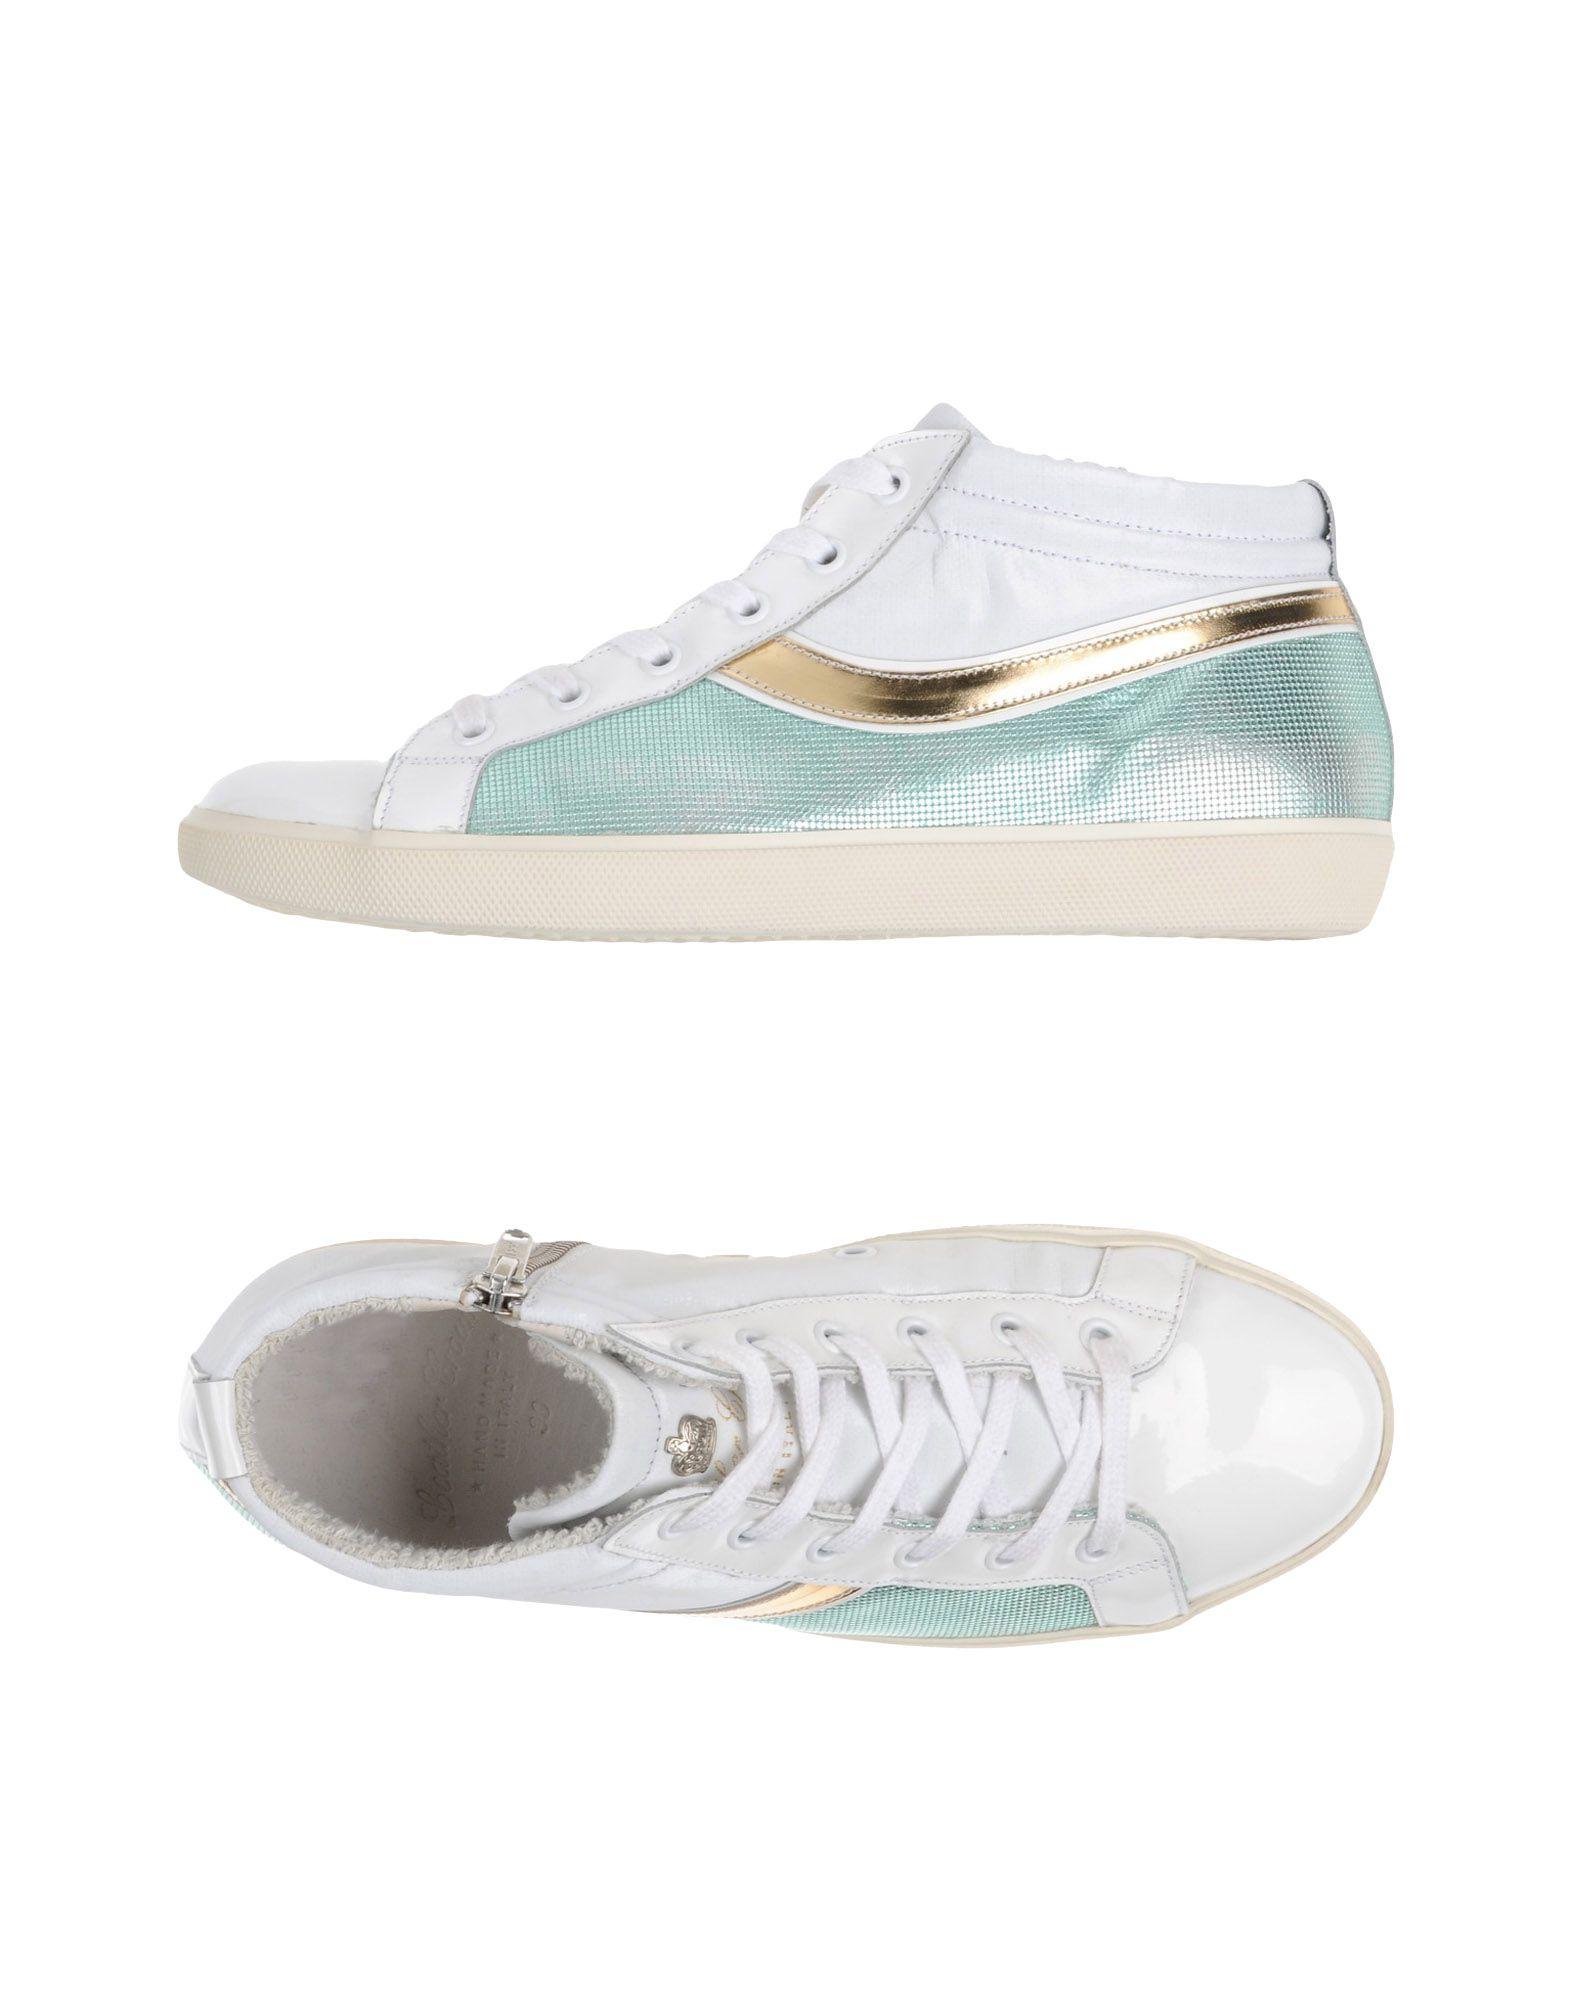 Baskets Leather Crown Femme - Baskets Leather Crown Blanc Les chaussures les plus populaires pour les hommes et les femmes